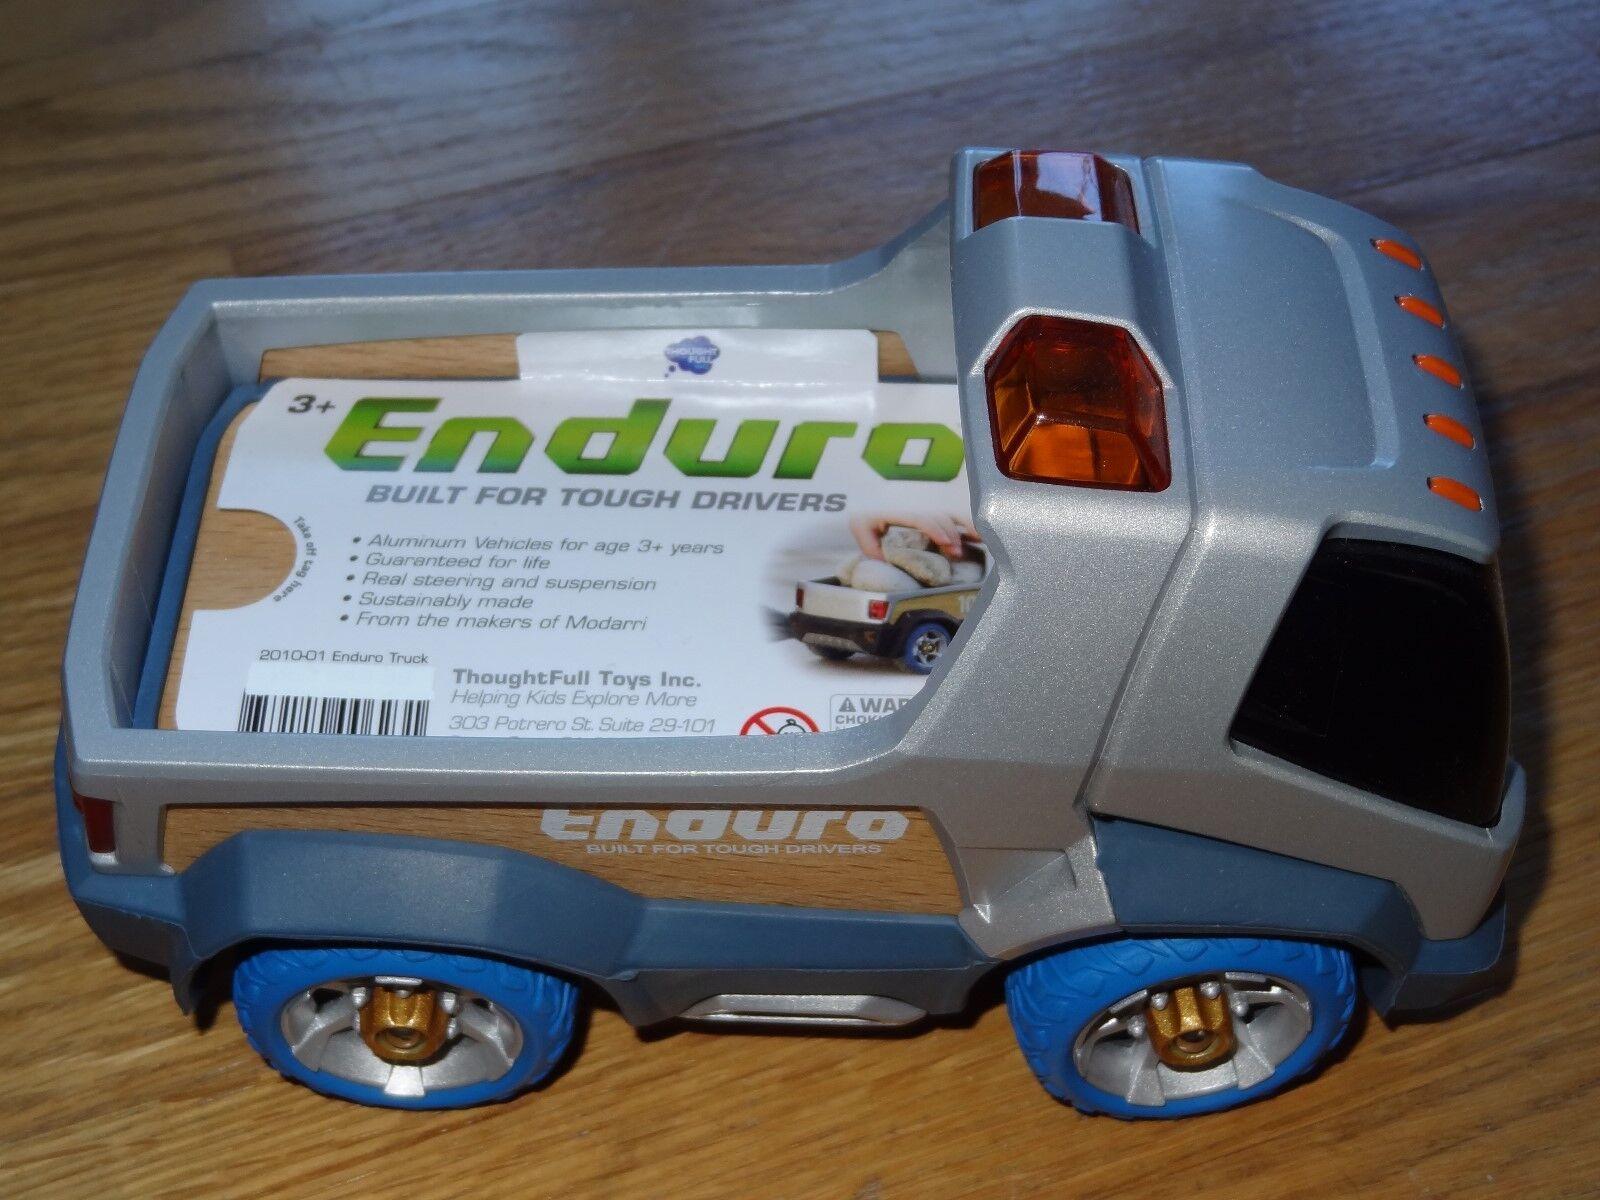 disfruta ahorrando 30-50% de descuento Camión de alta alta alta calidad de aluminio fundido a troquel Enduro real de la dirección y suspensión  barato